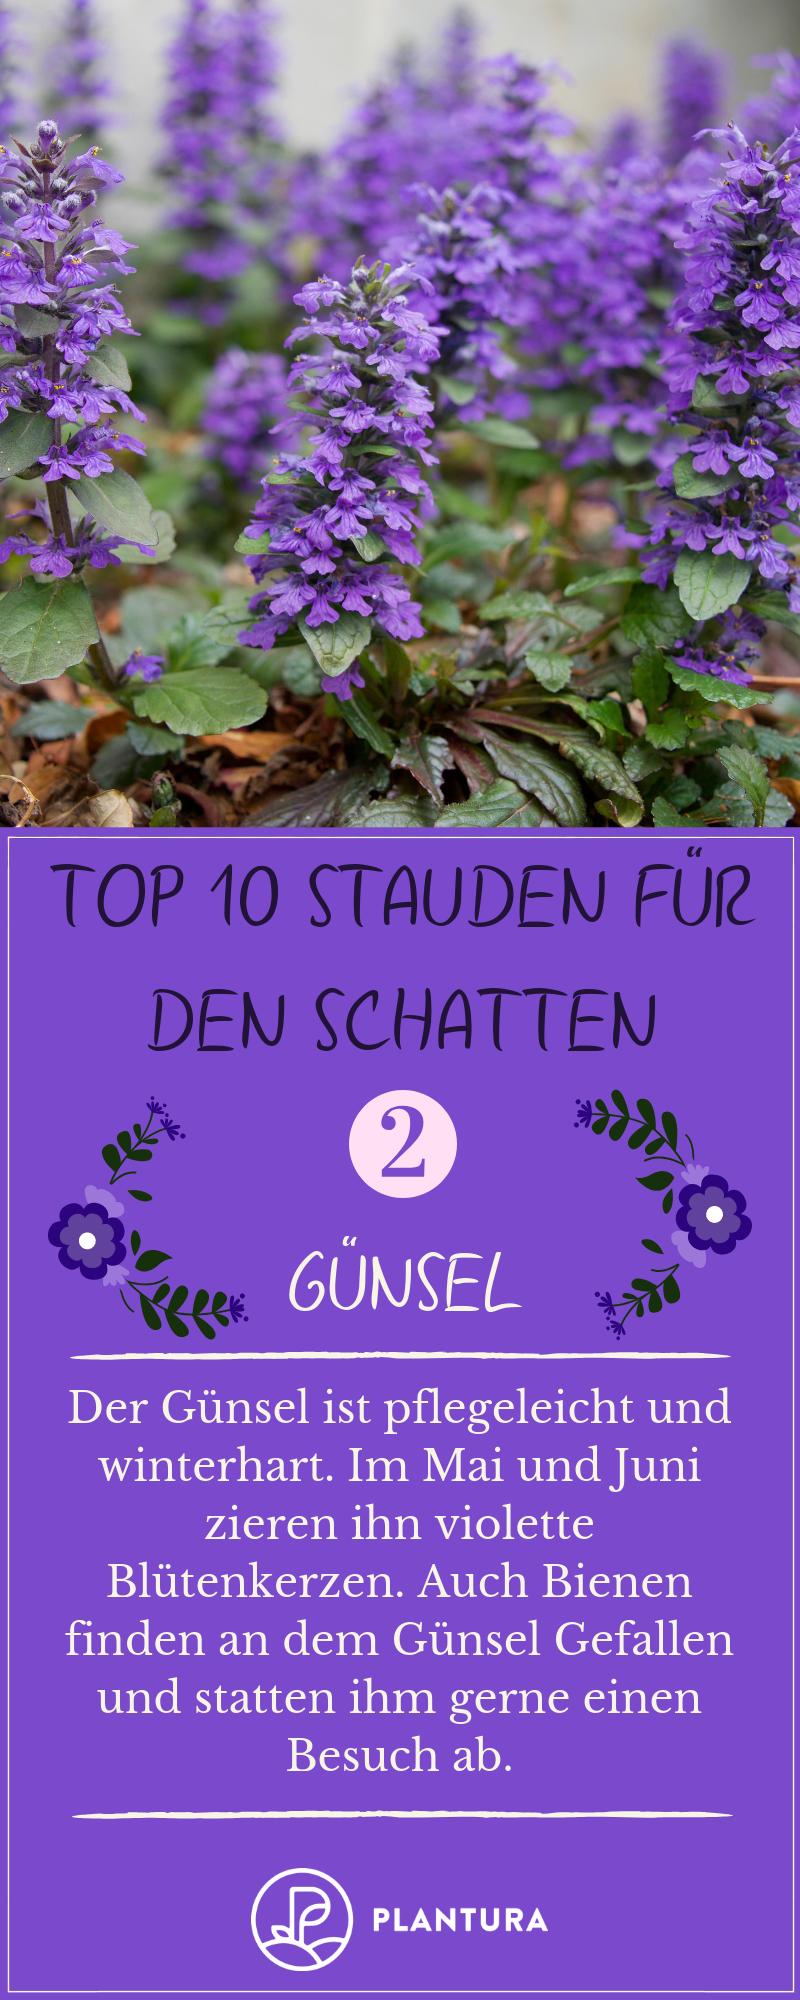 Photo of Stauden für den Schatten: Unsere Top 10 – Plantura